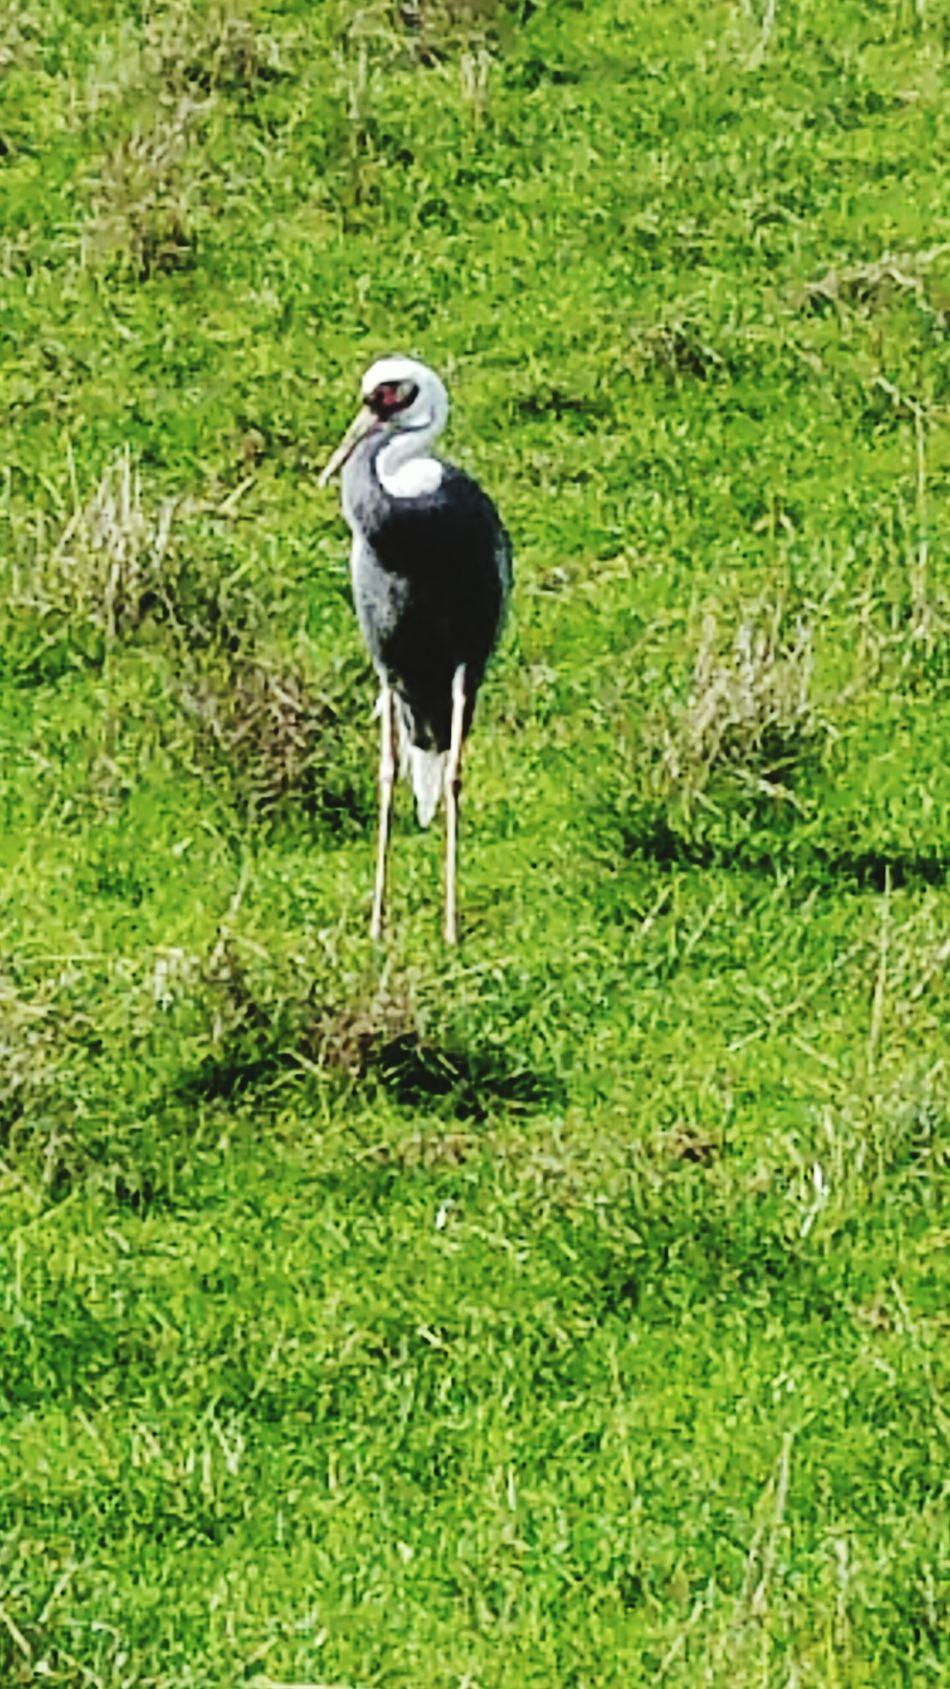 Wild Bird Animals In The Wild